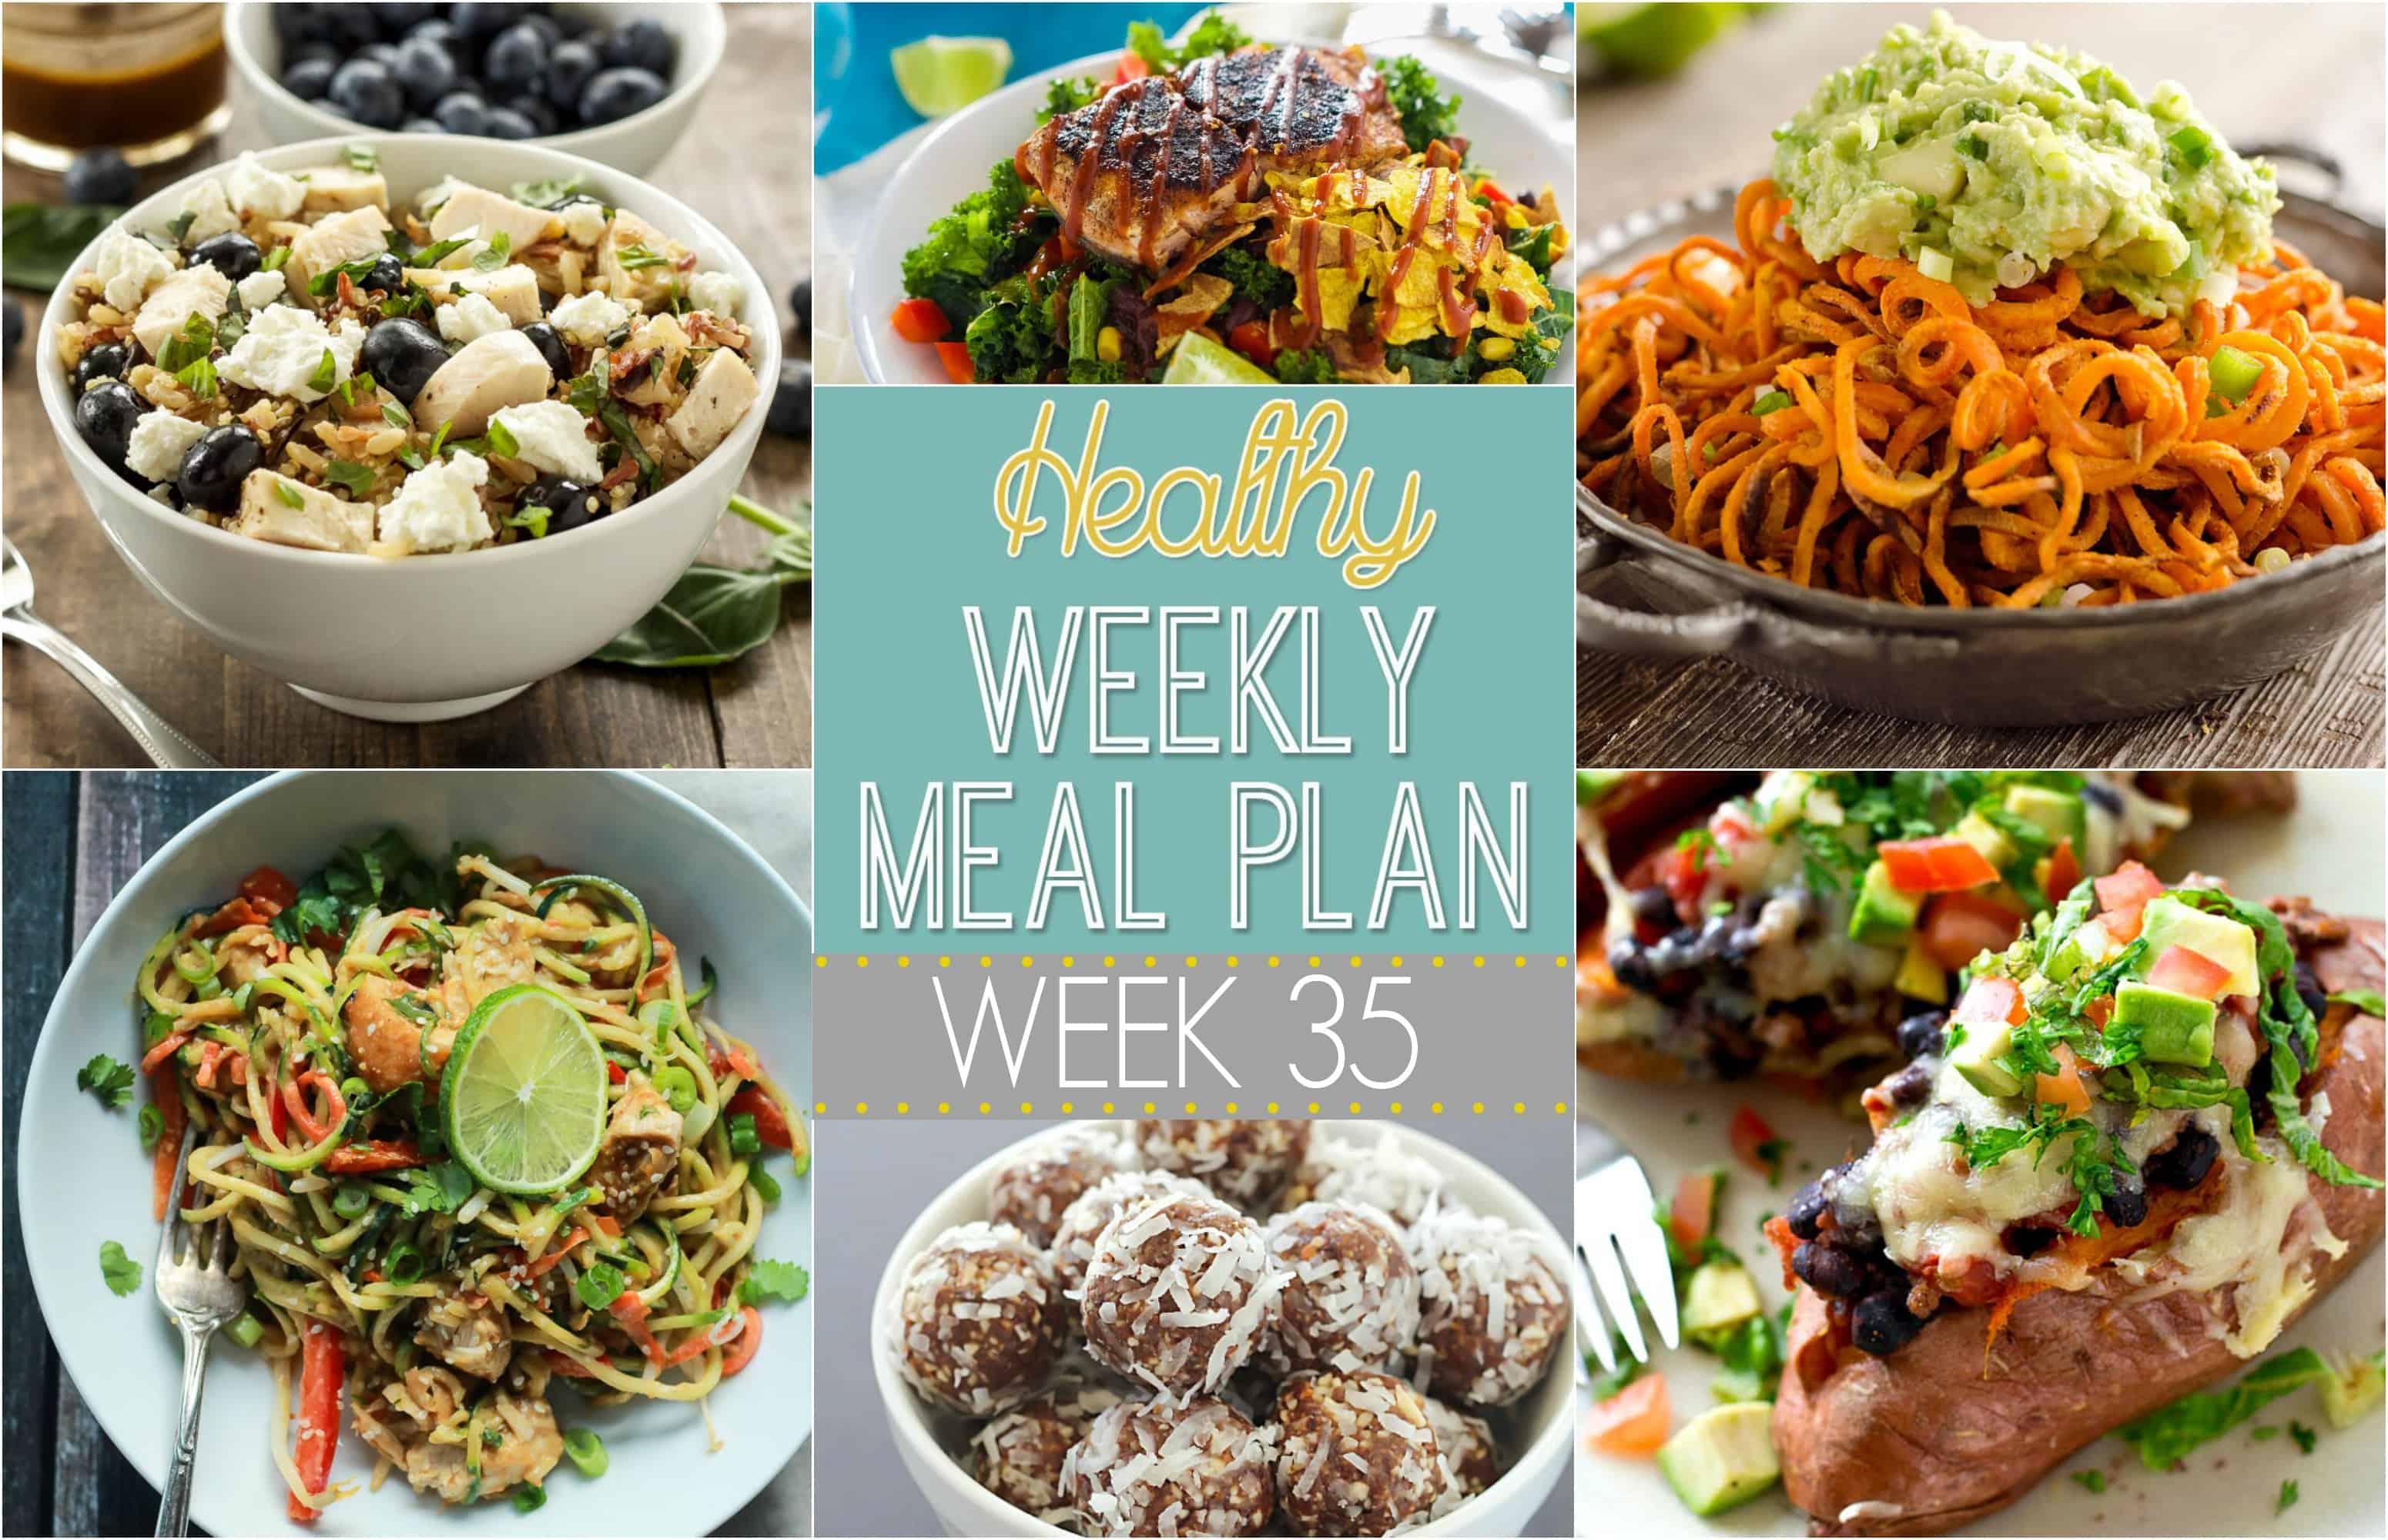 Healthy Weekly Meal Plan Week 35